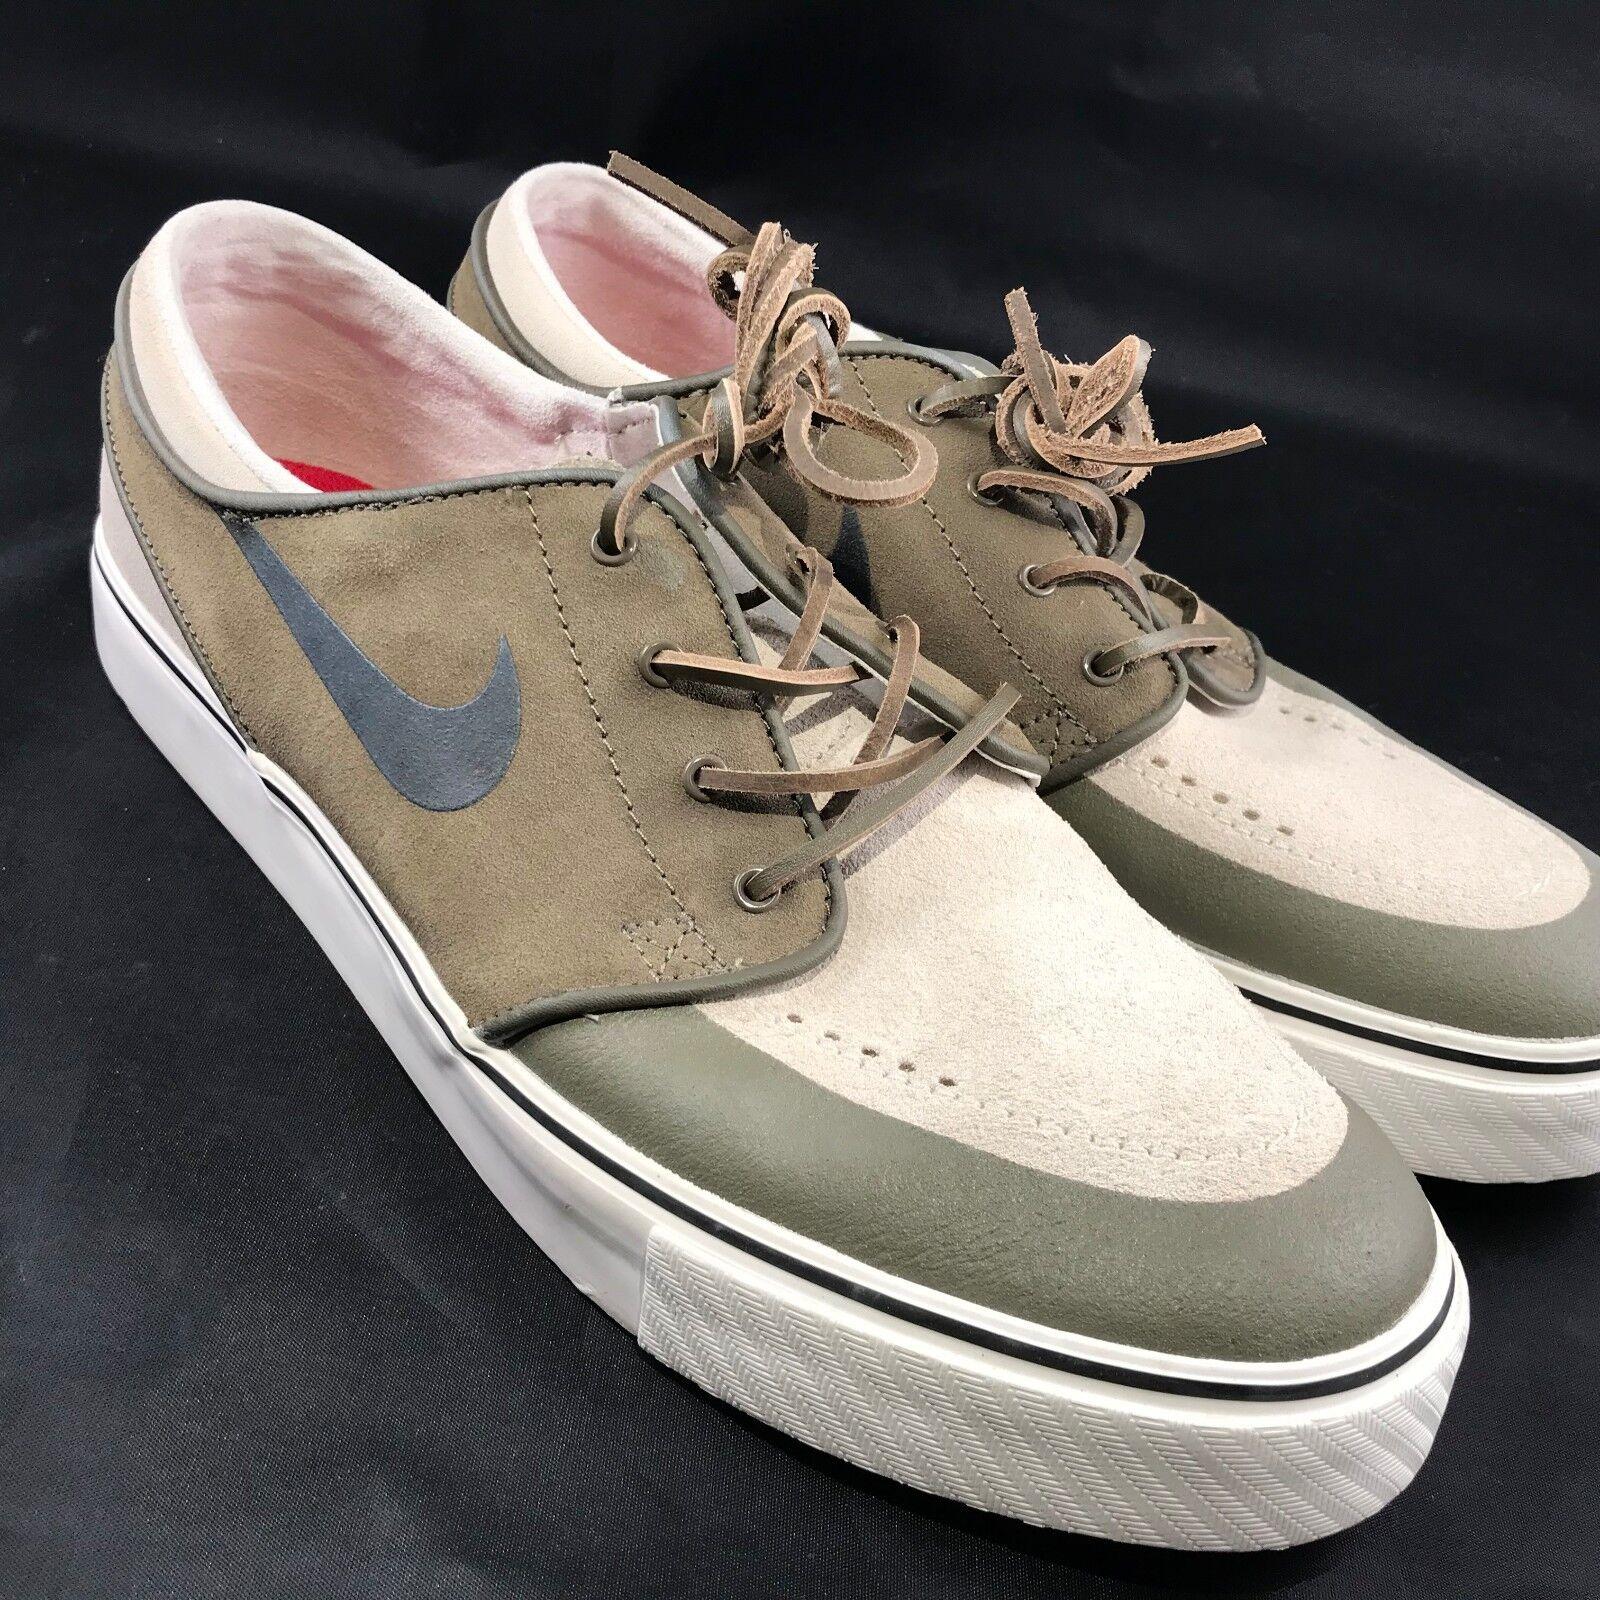 Nike stefan janoski skateboard - mens 10,5 uns 44,5 euro pr - se - 631298 201